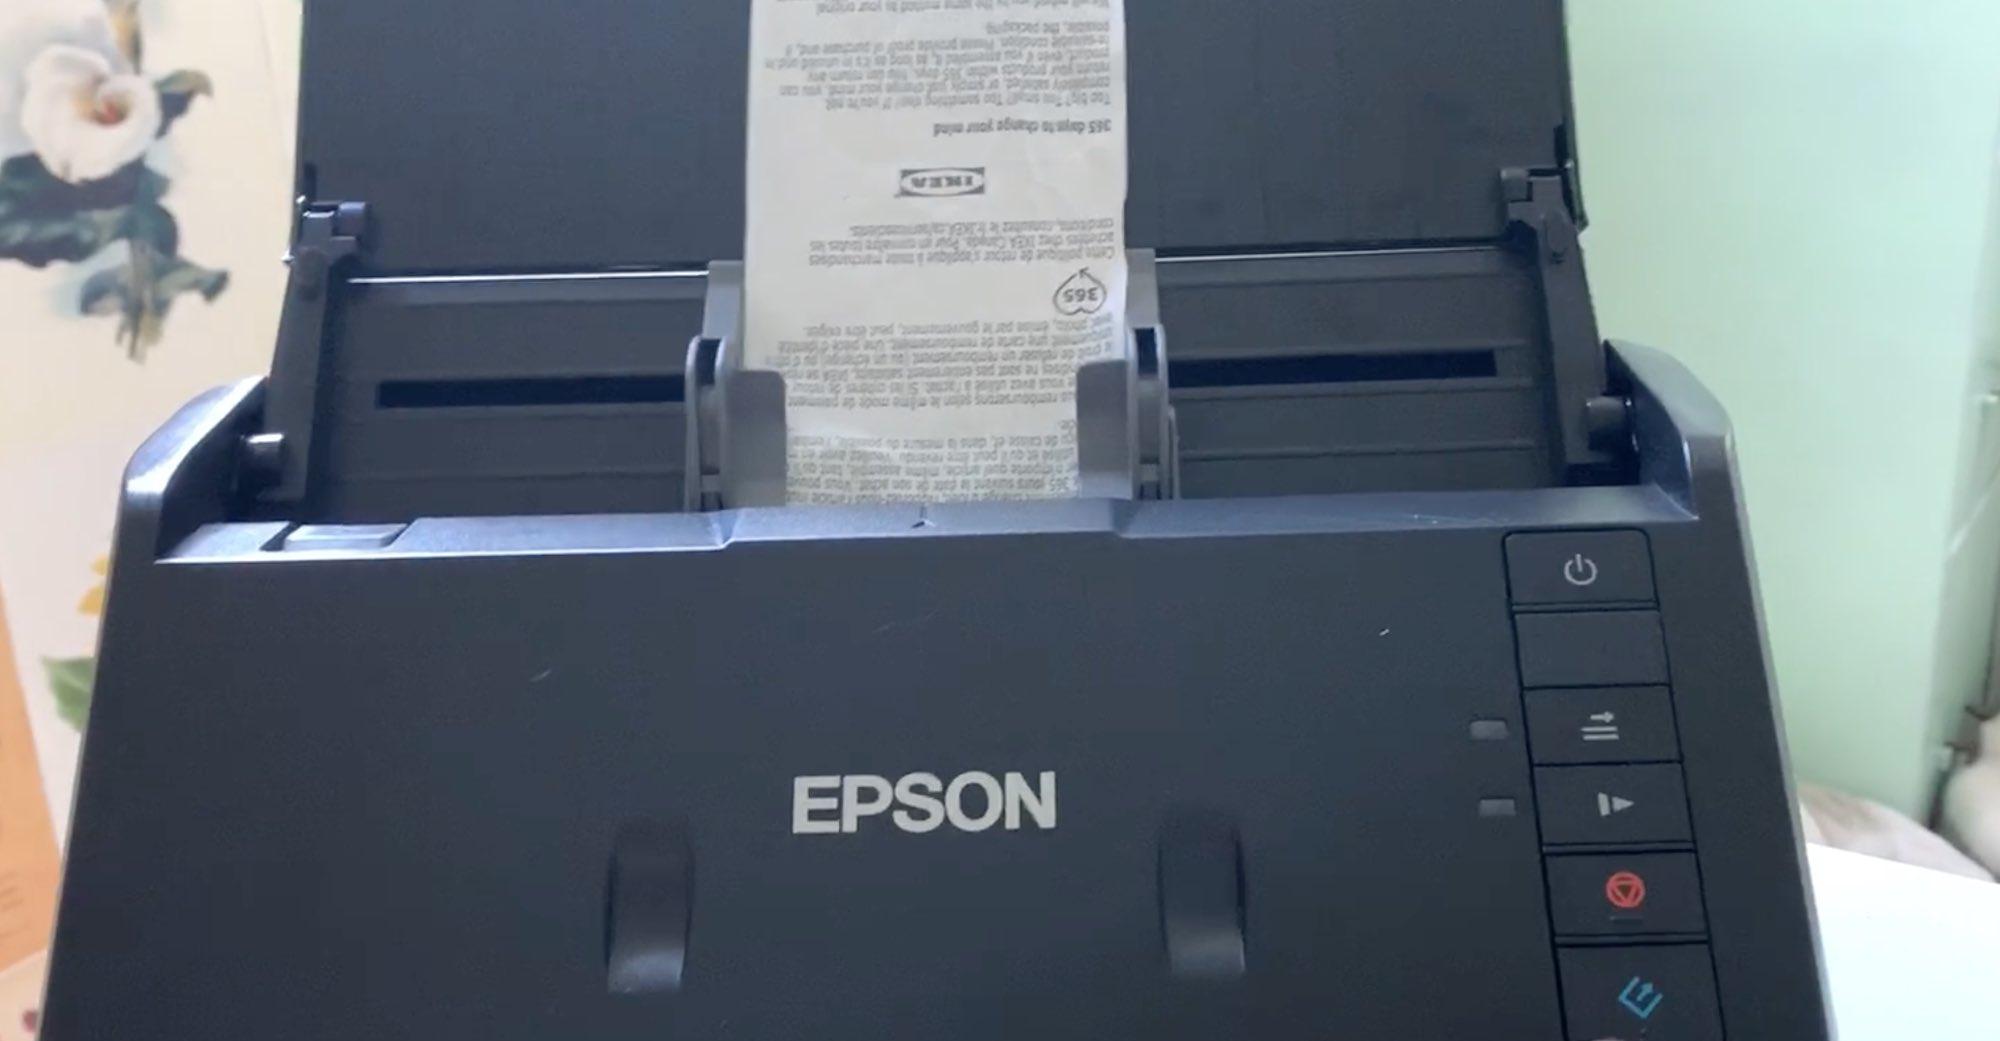 Epson scan receipts